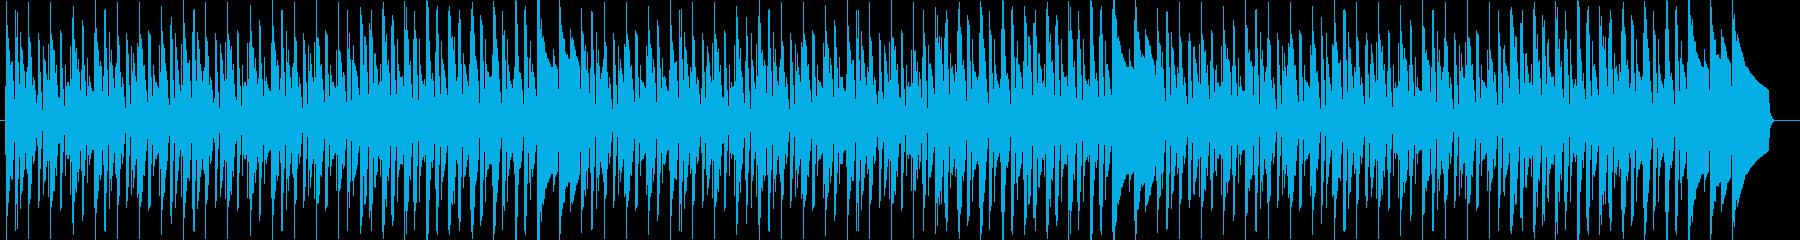 雨の日をイメージした可愛いBGMの再生済みの波形